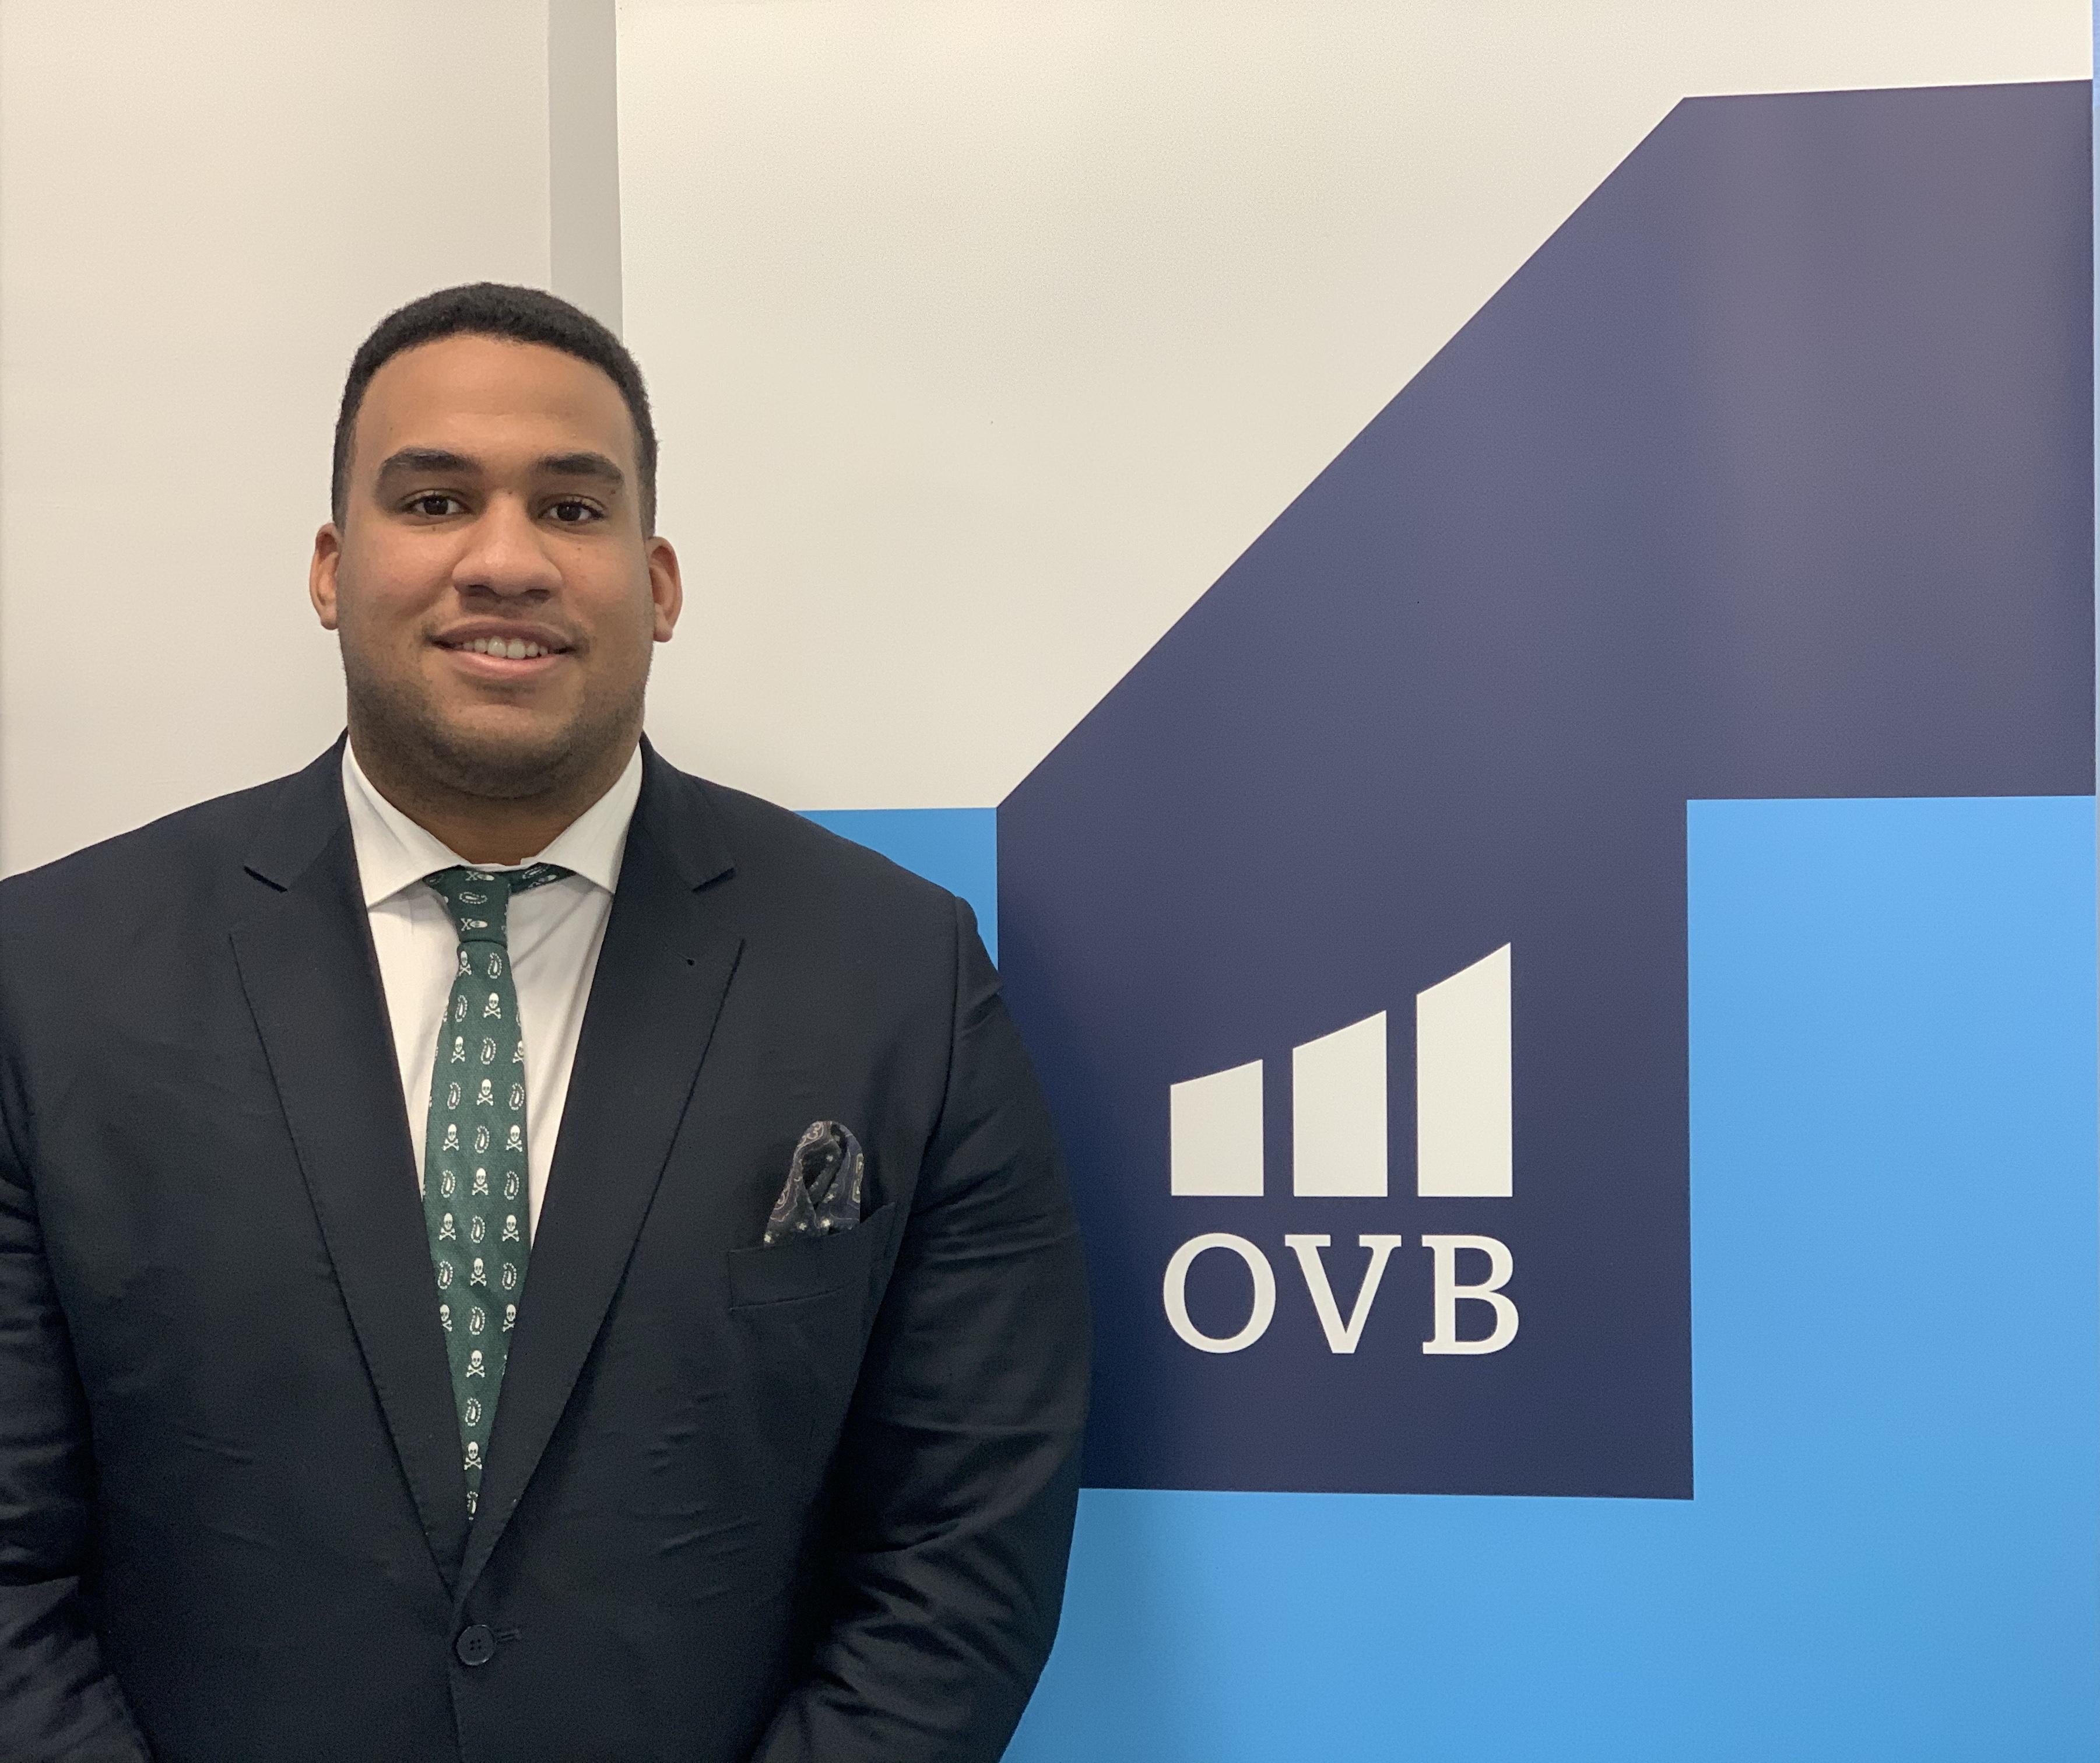 OVB I Andrés Engonga, Mejor Gestor de Equipo en diciembre